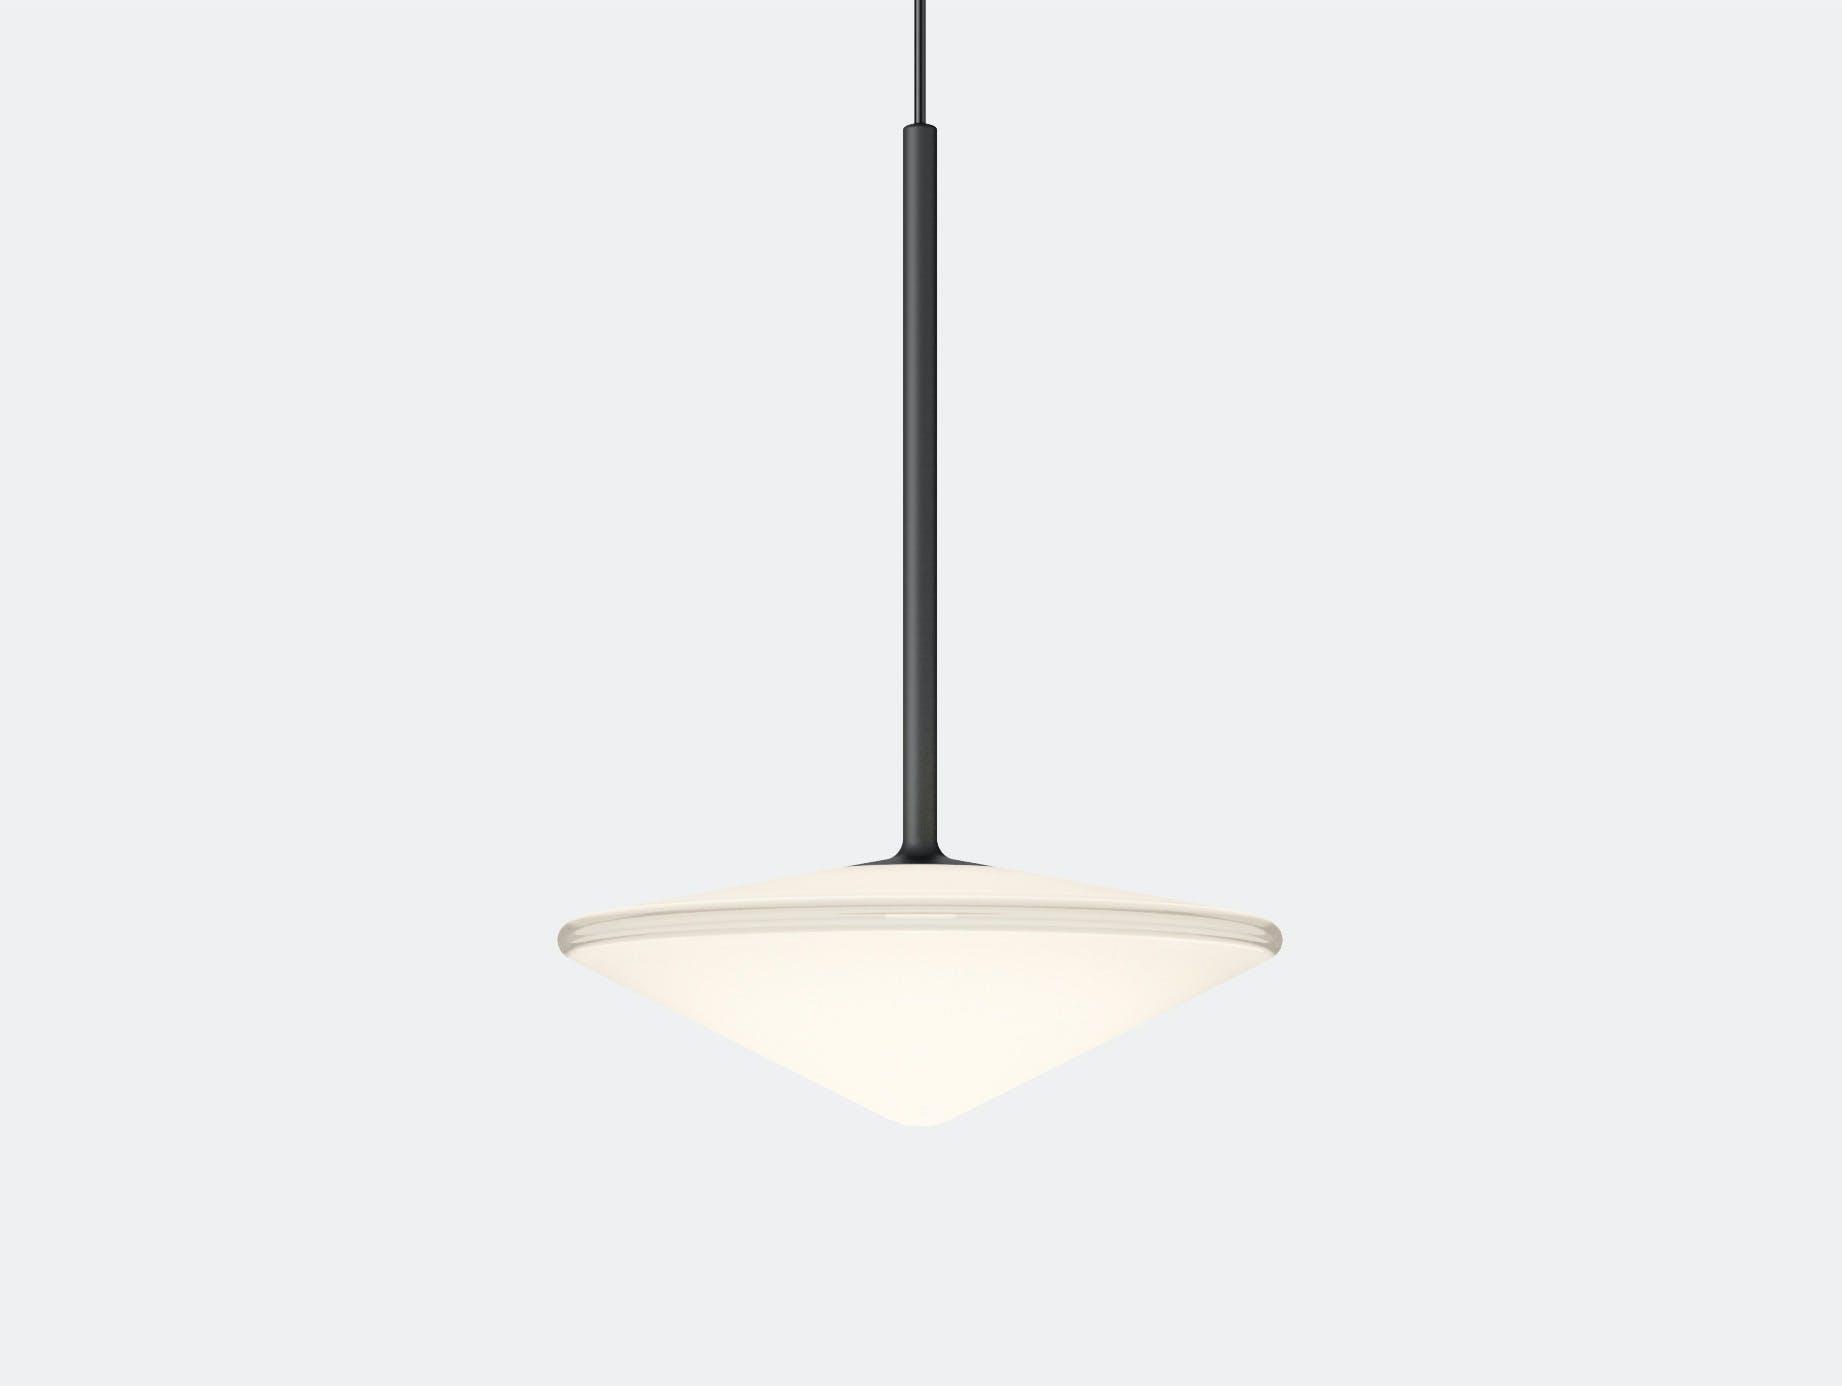 Vibia Tempo Pendant Lamp Model 5774 Lievore Altherr